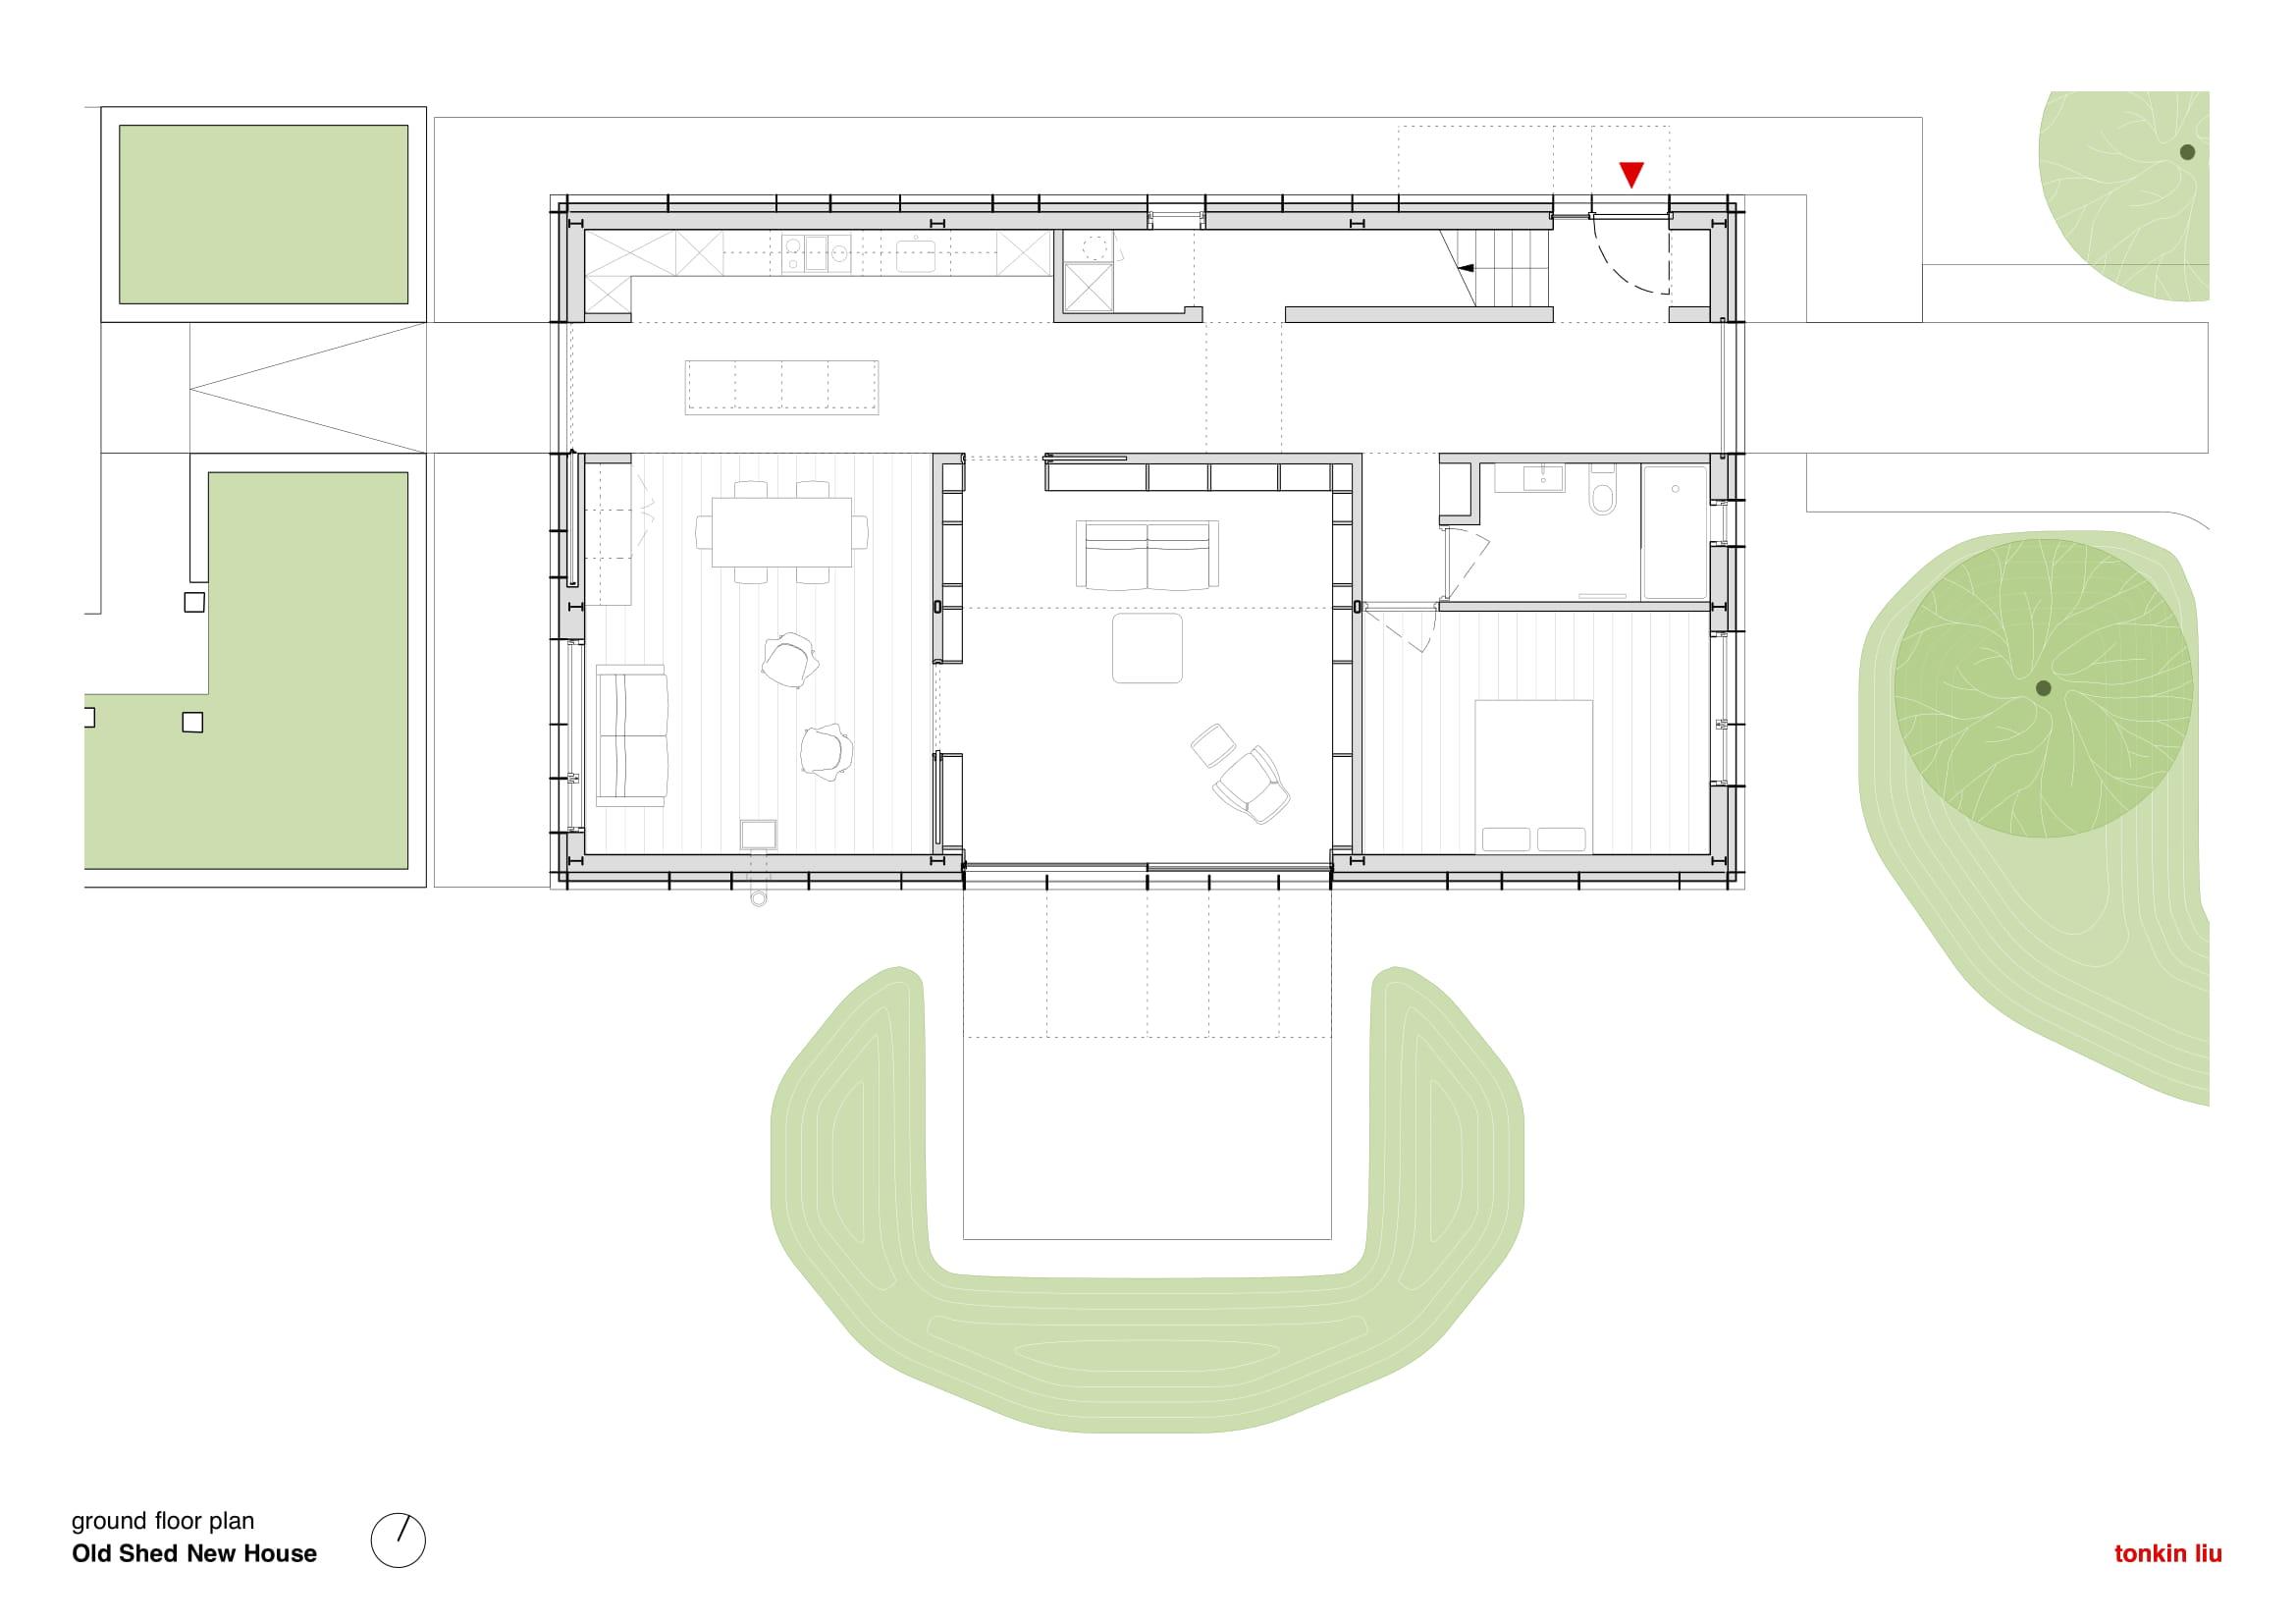 Ground Floor Plan Tonkin Liu}